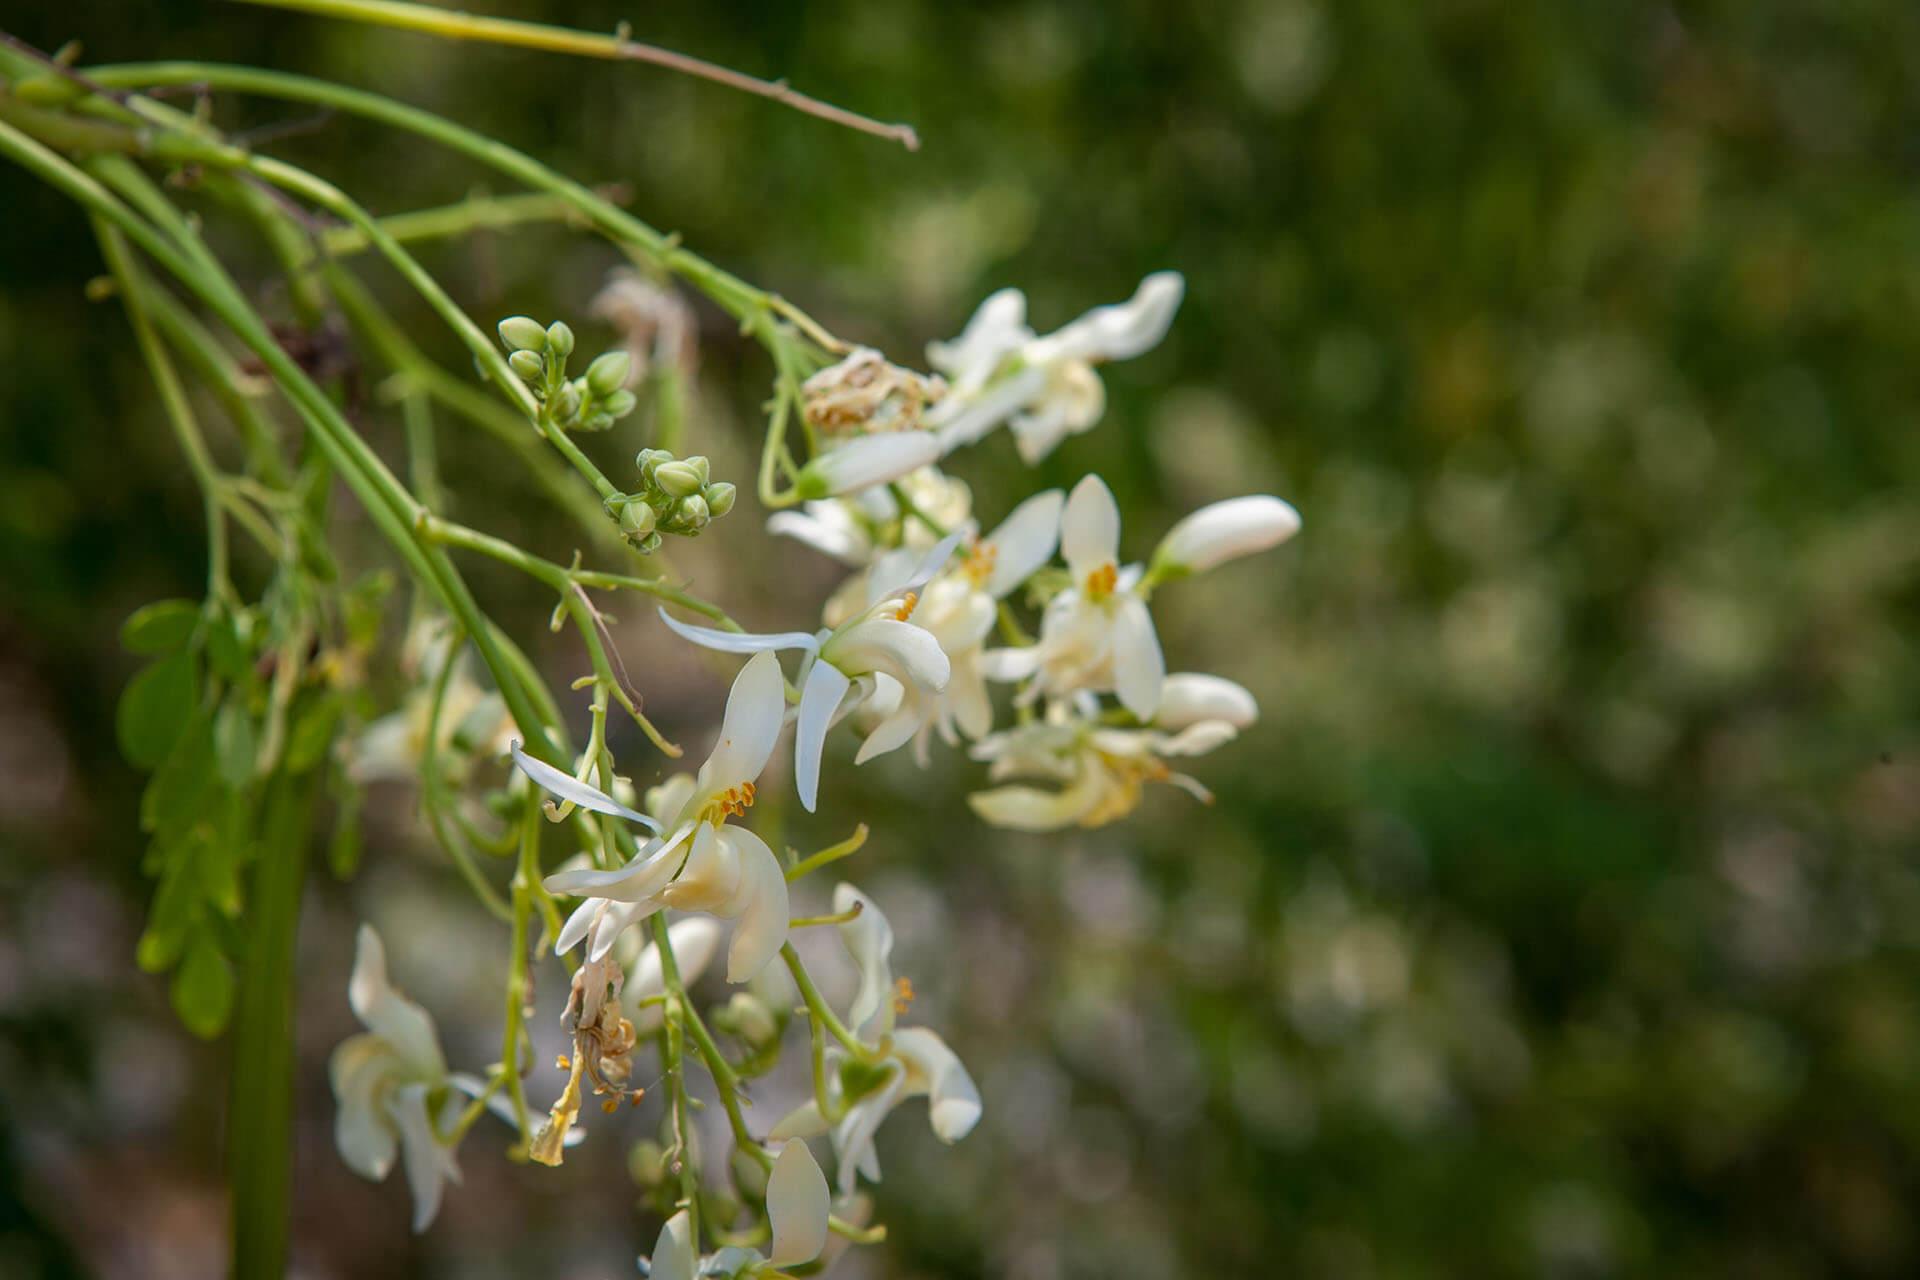 שתילי מורינגה במחיר מיוחד לפתיחת האביב